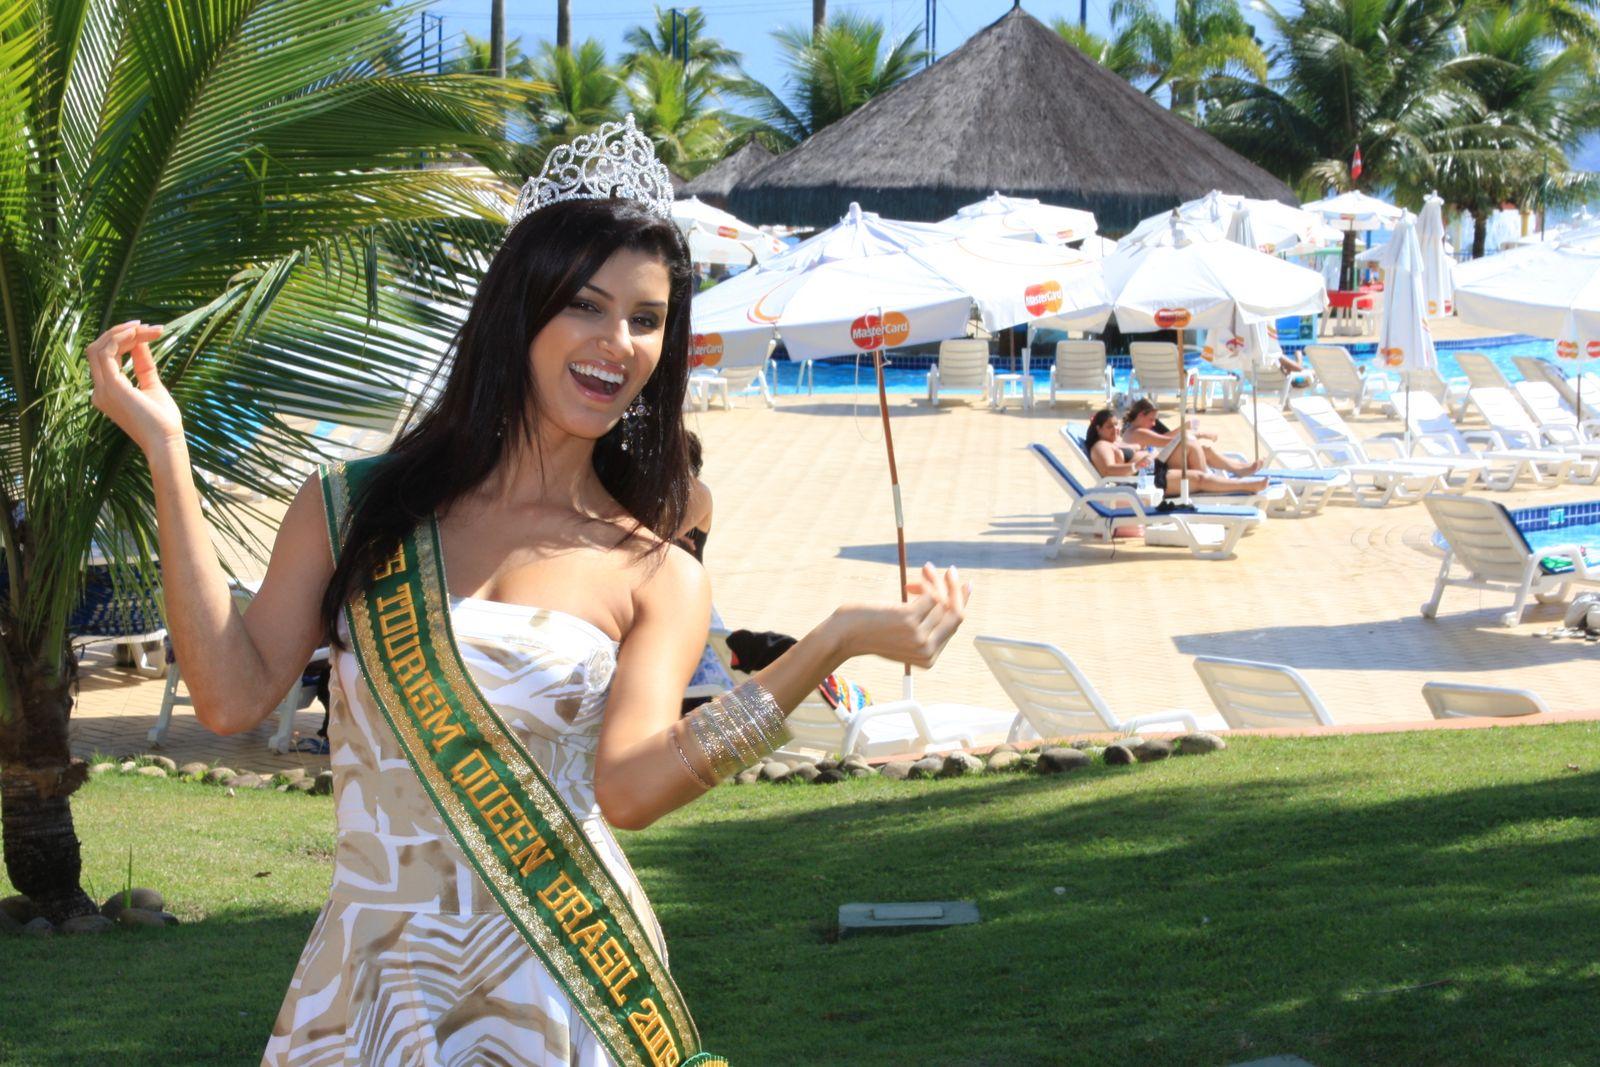 vivian noronha, rainha hispanoamericana 2008. suplente. - Página 2 Q3c594wa